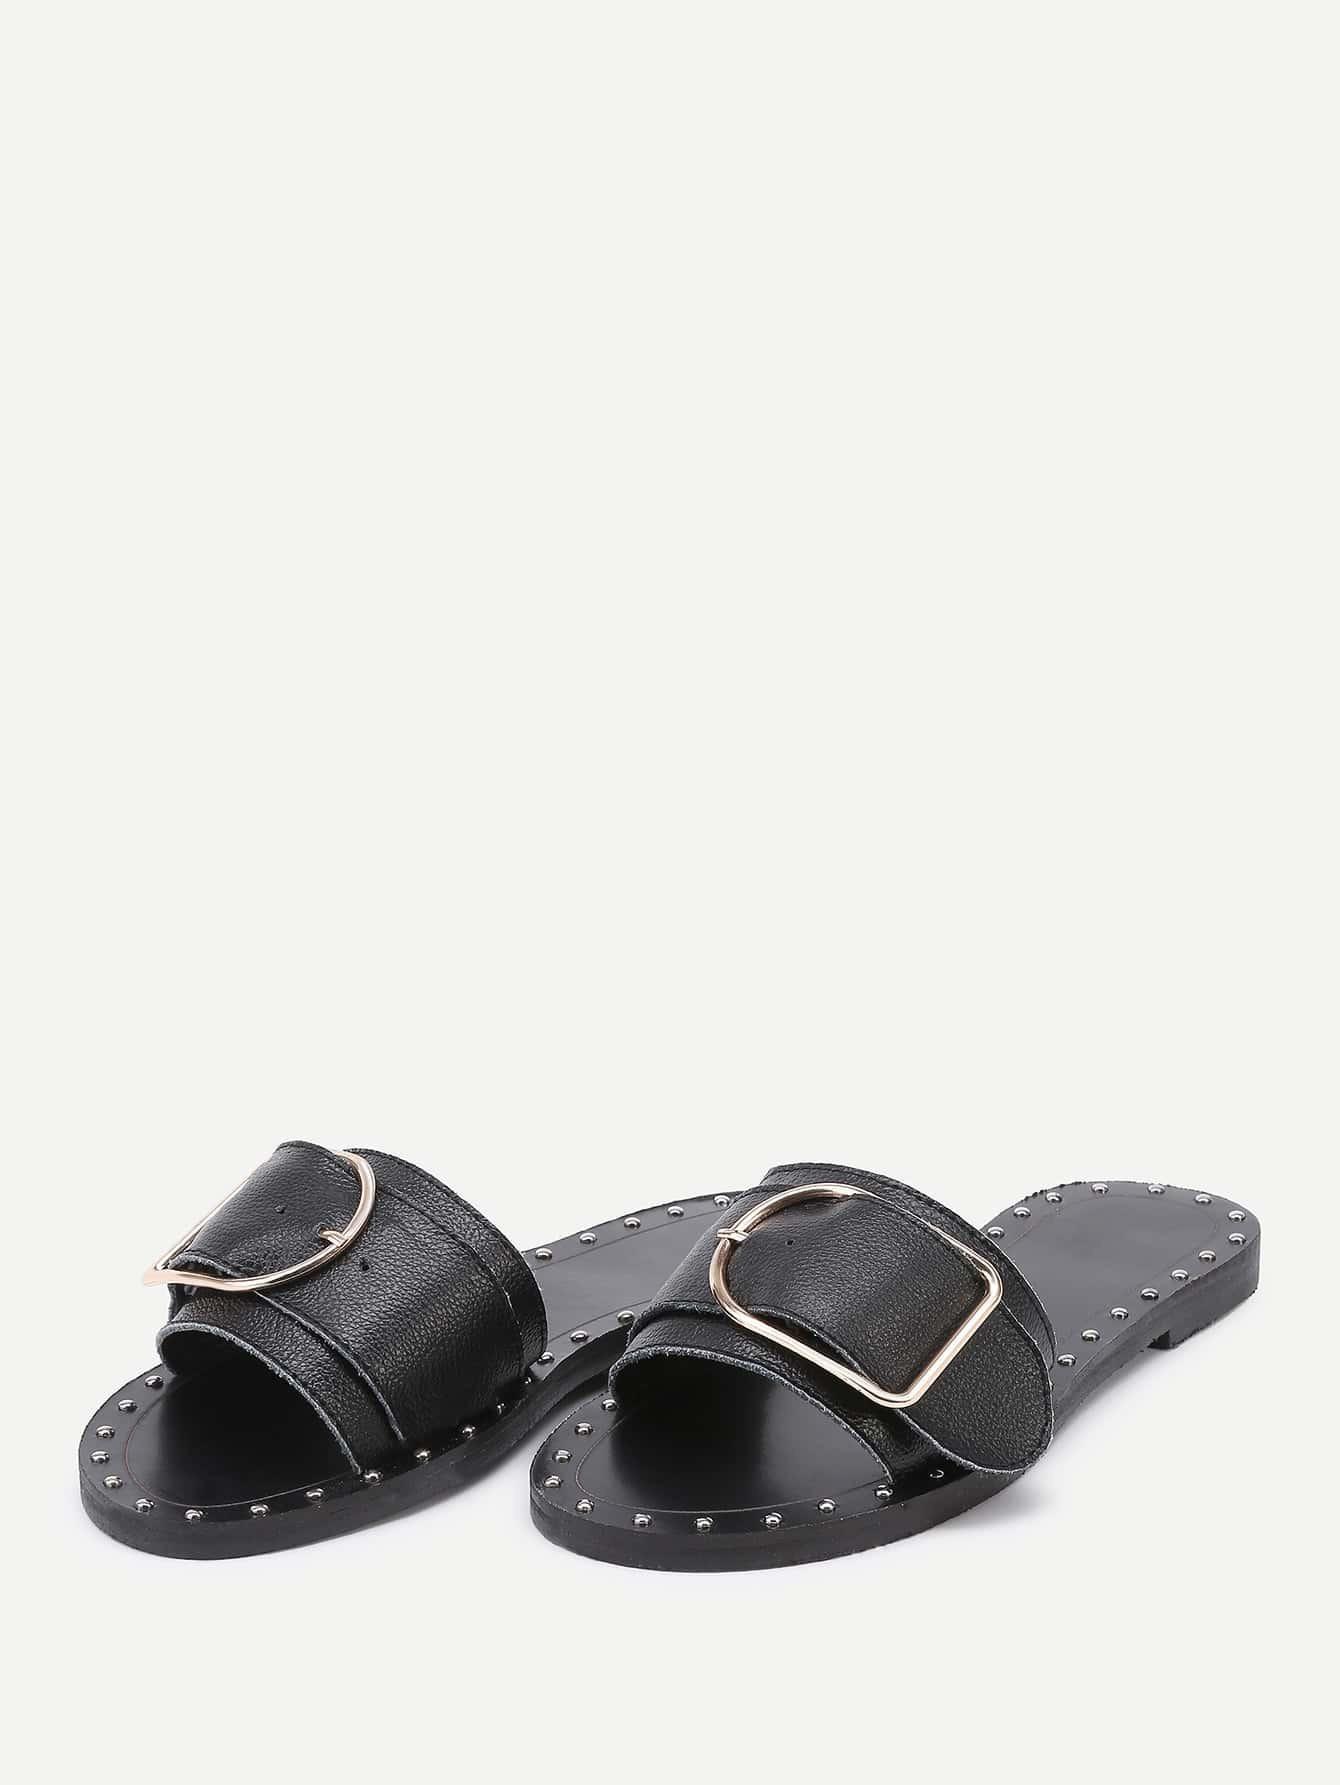 shoes170331805_2